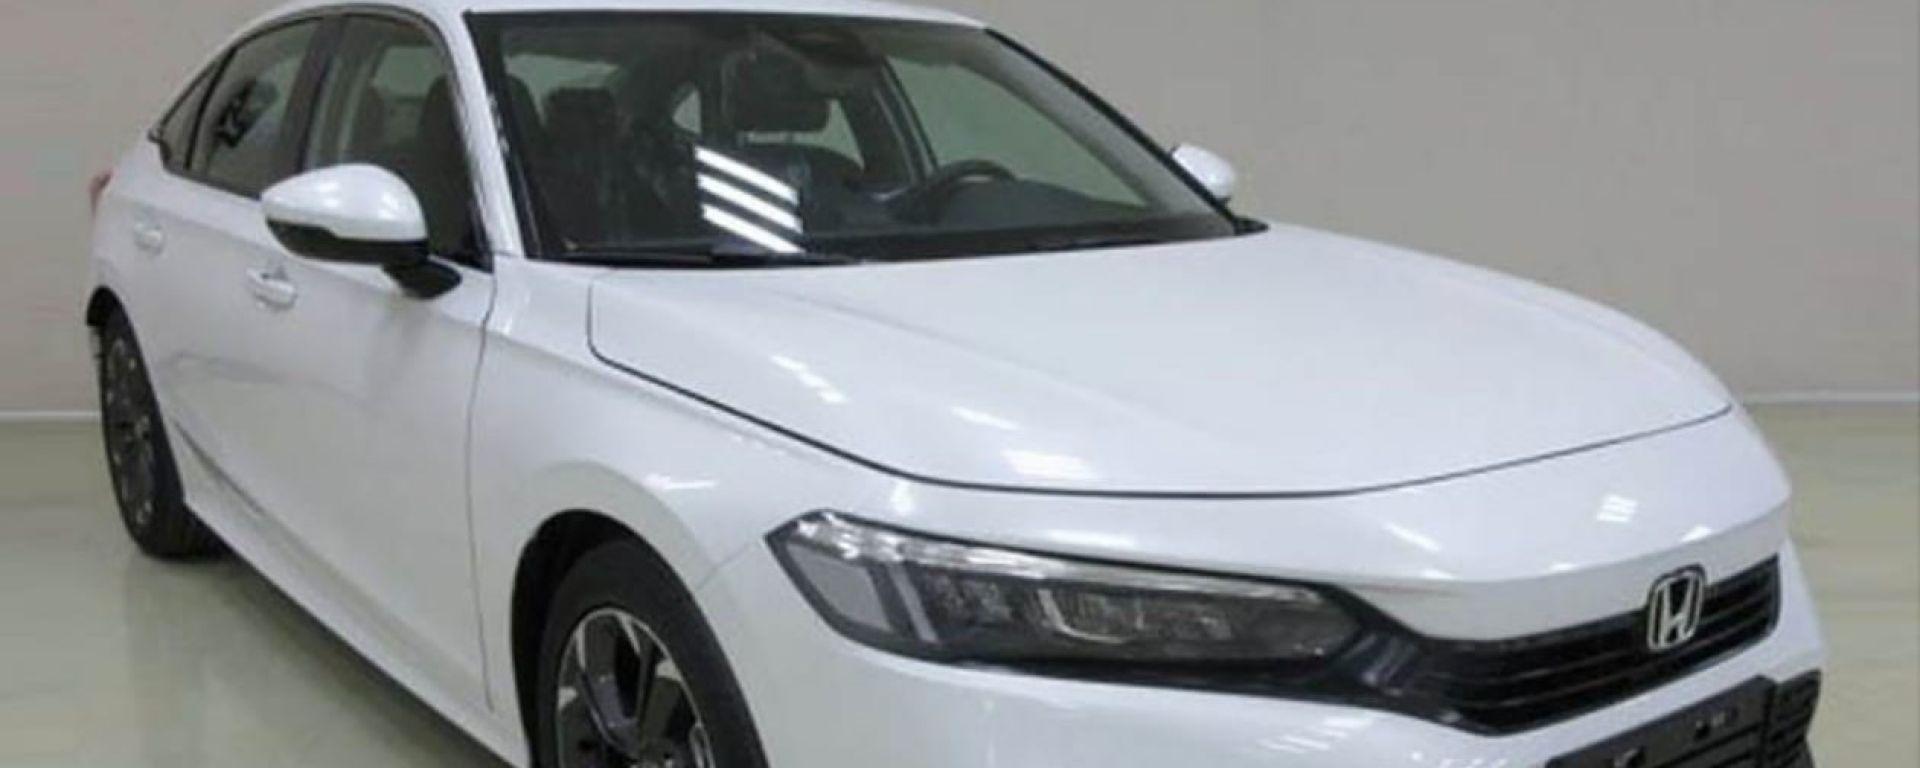 Nuova Honda Civic 2021: una delle foto della compatta giapponese viste sul web